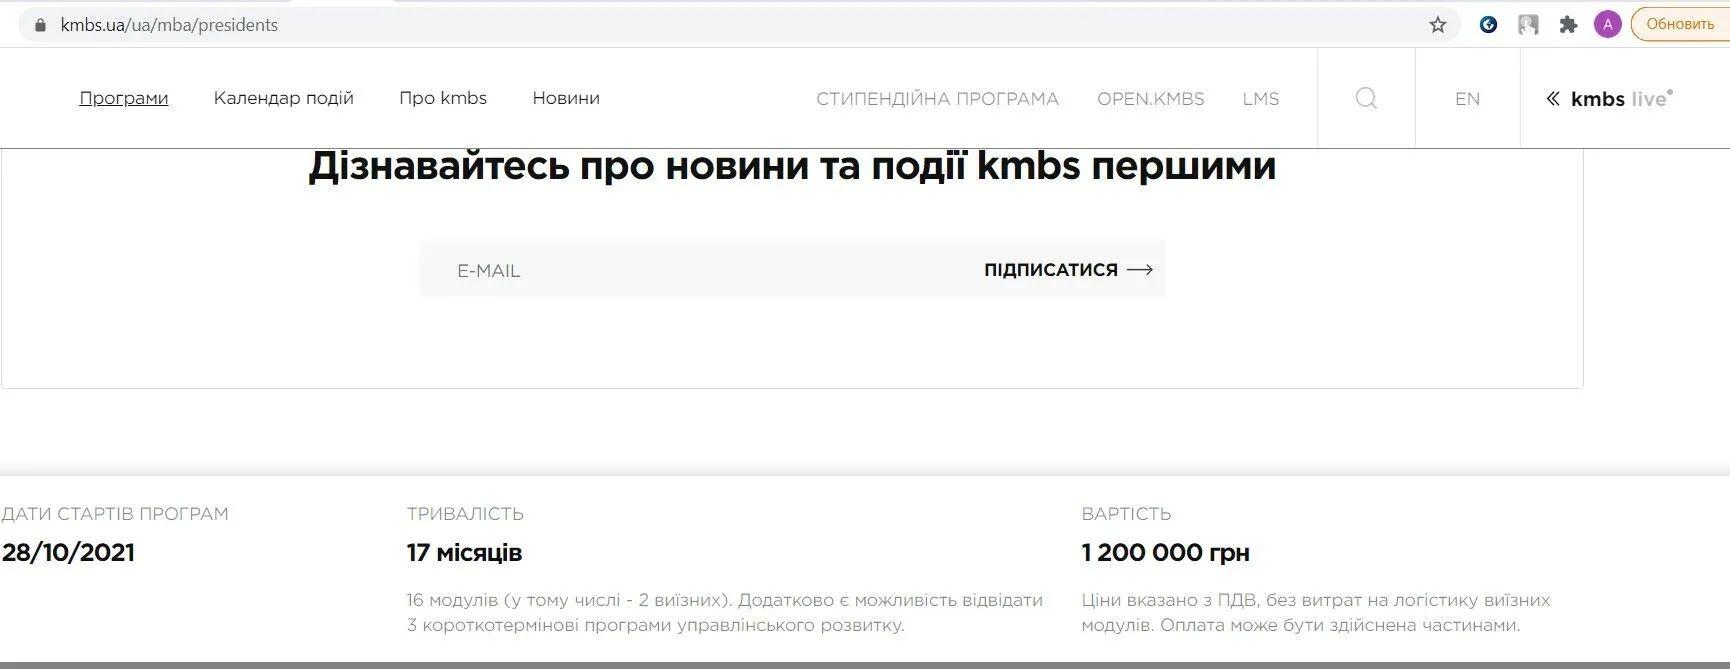 Скільки коштує навчання MBA в Києві